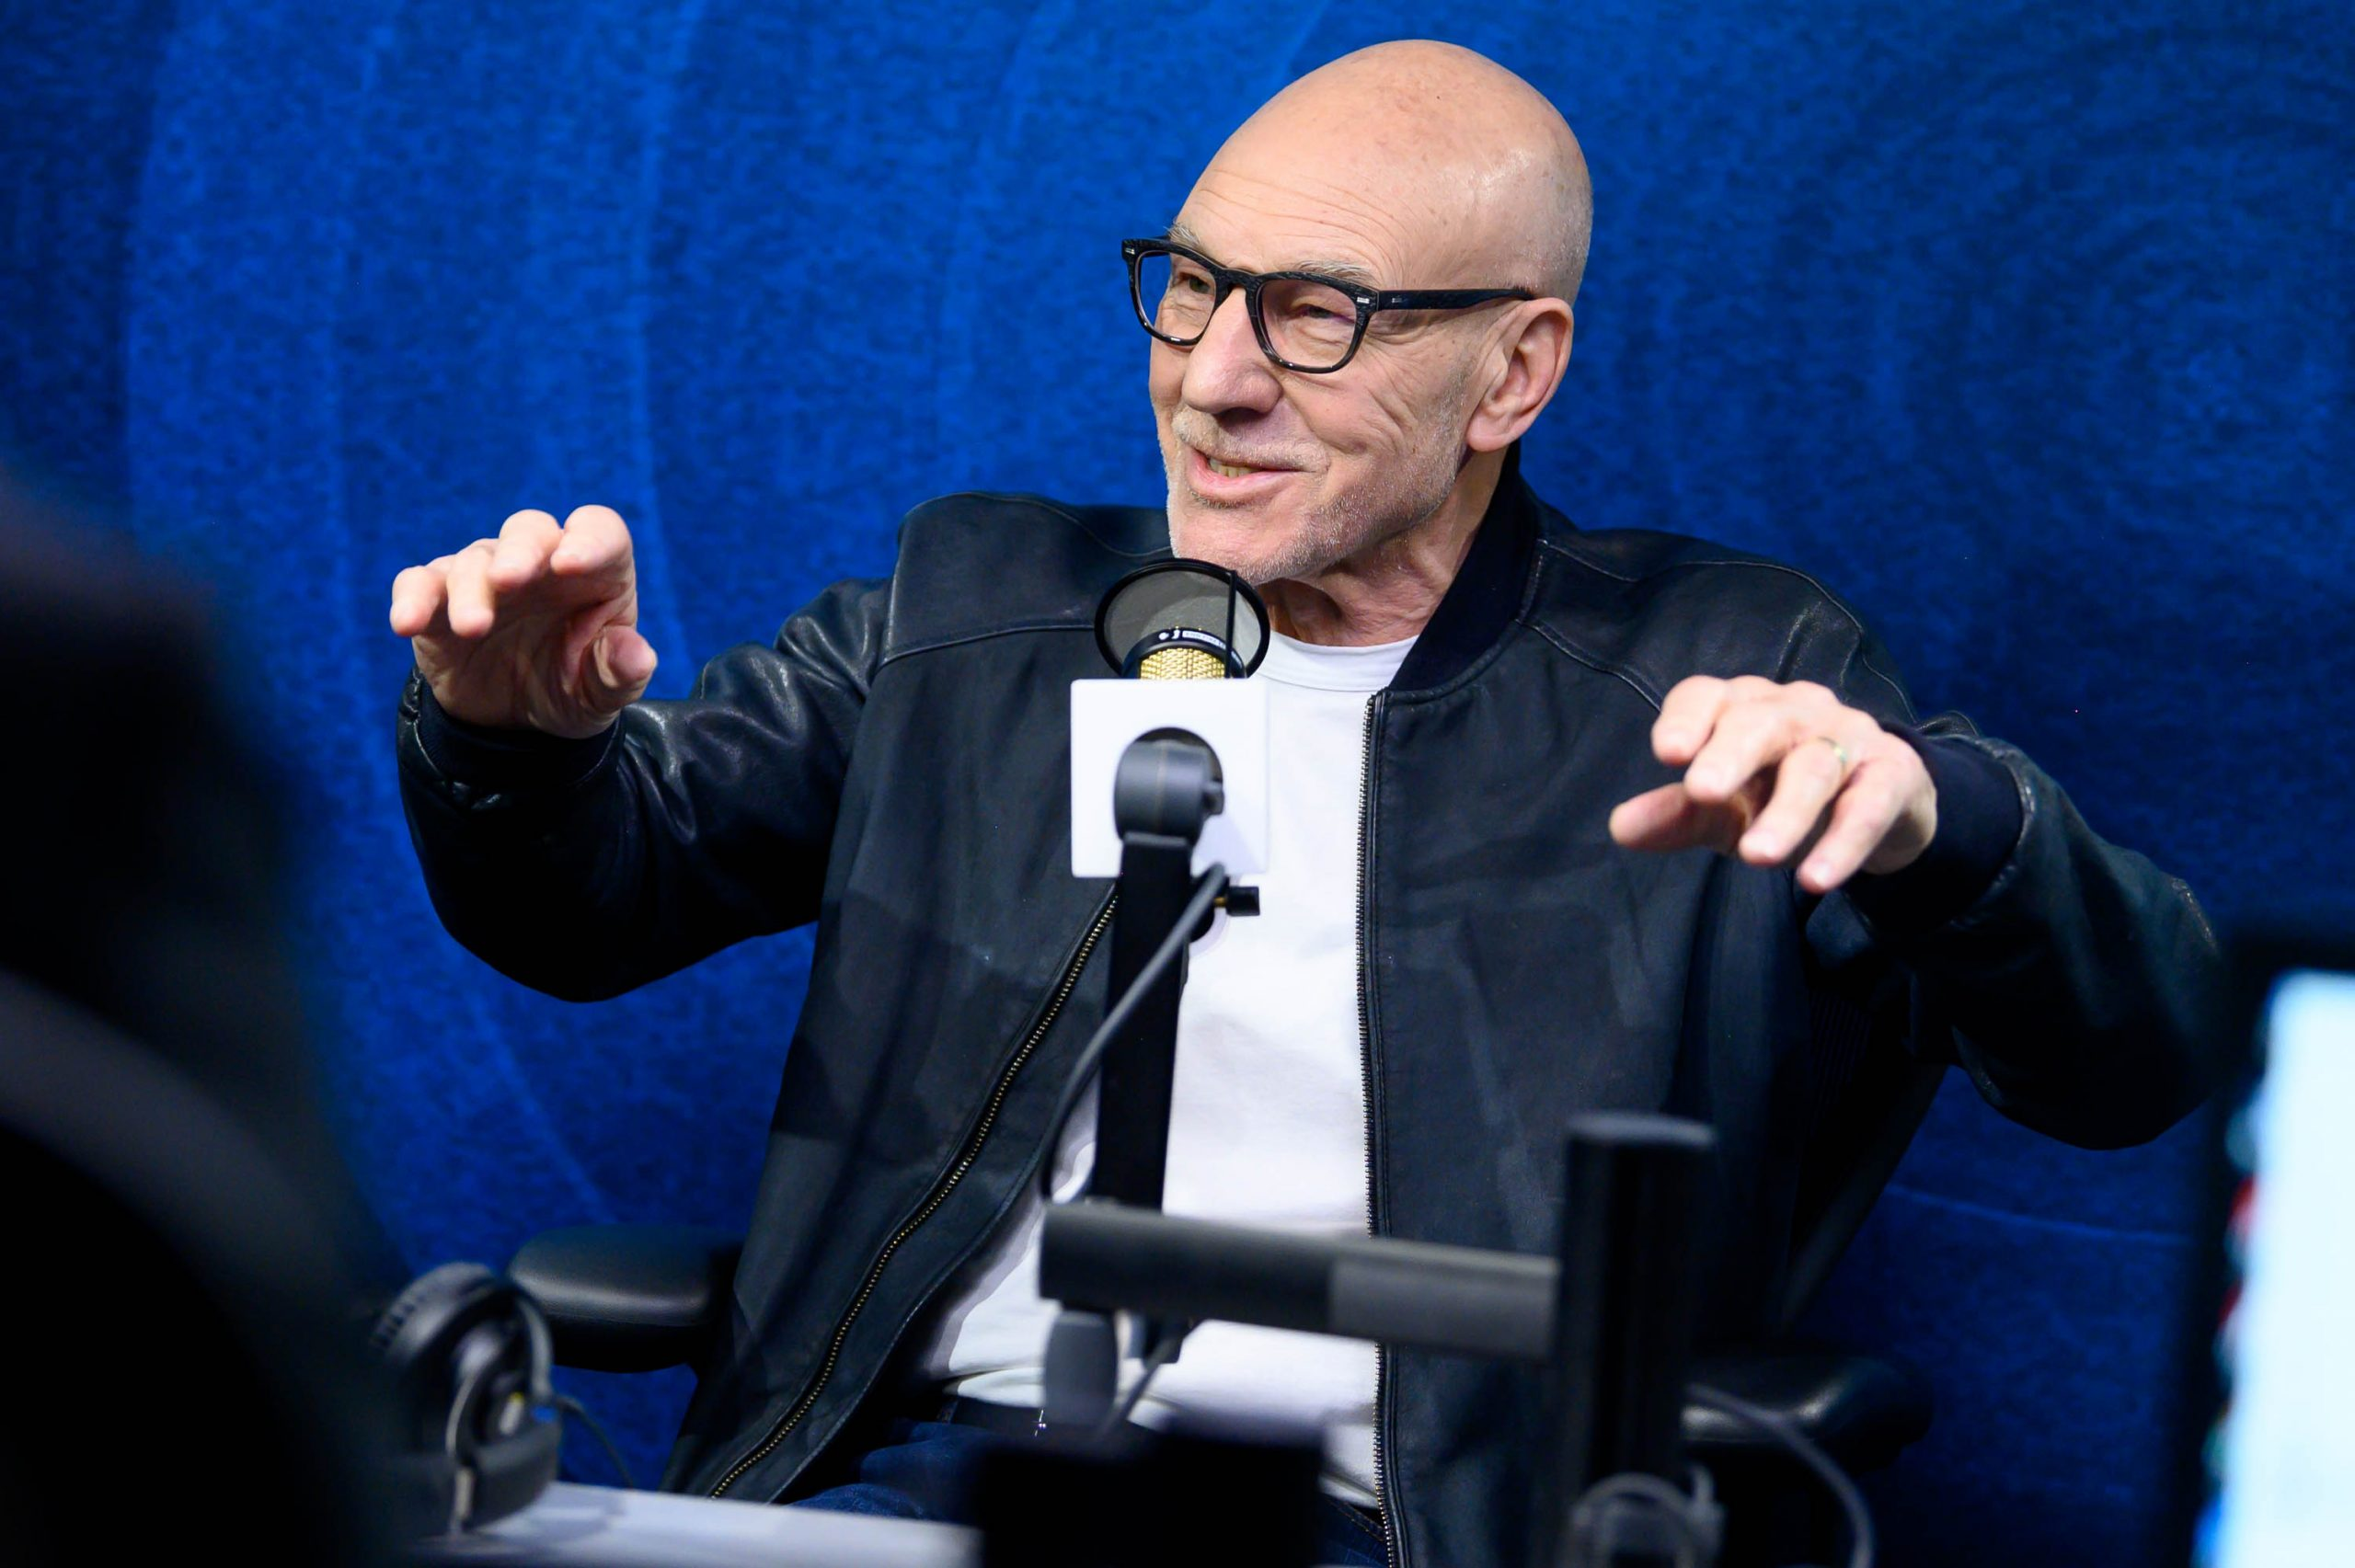 Patrick Stewart of Star Trek: Picard